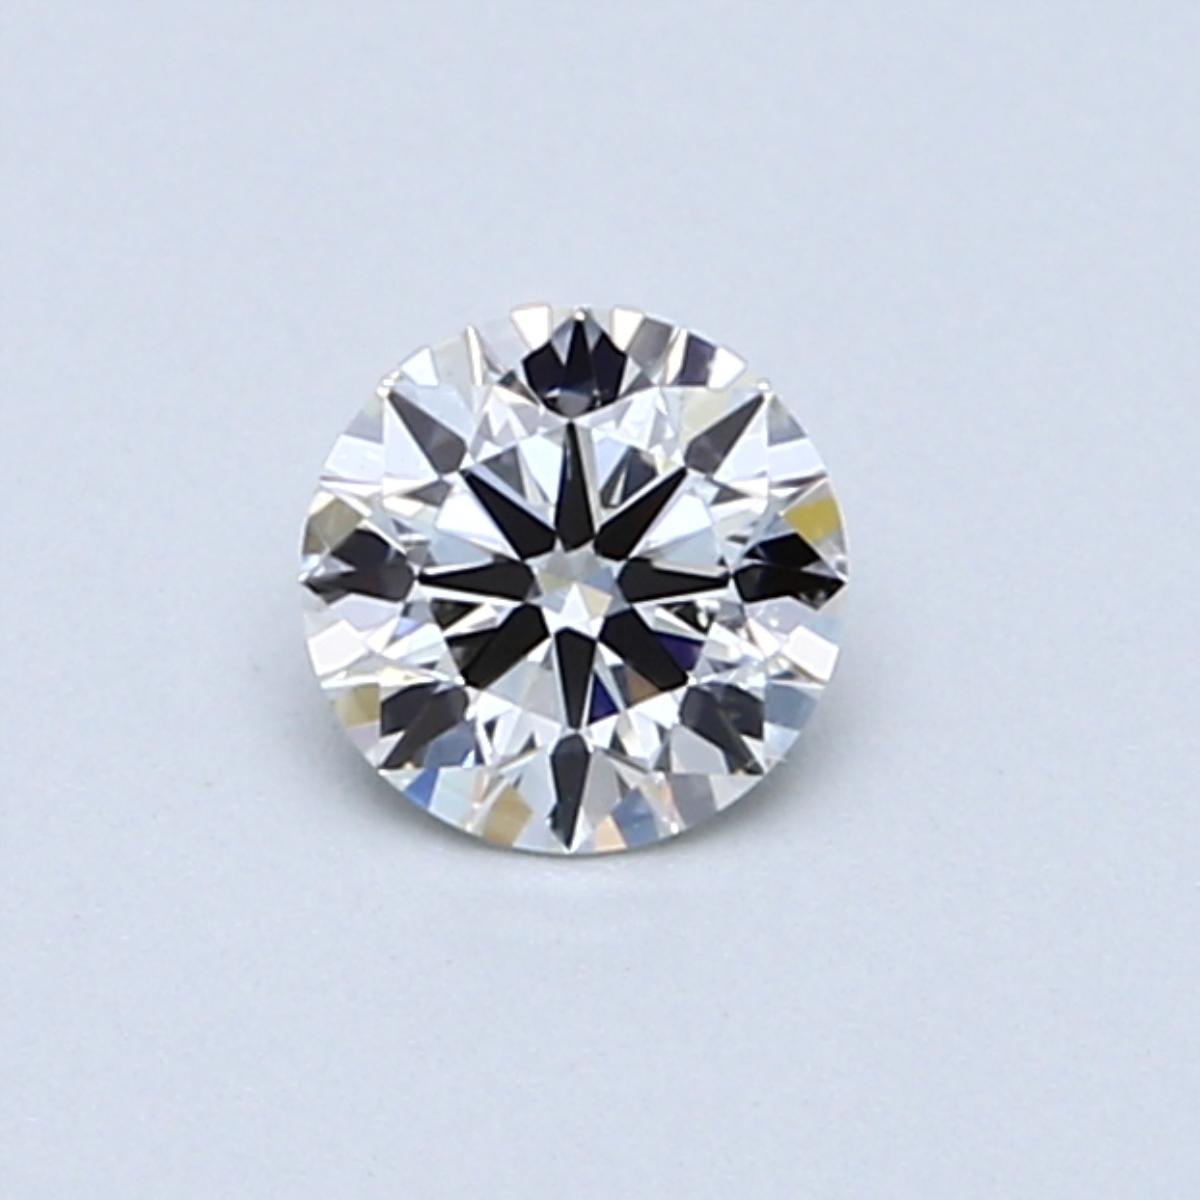 0.40 Carat J SI1 Round Diamond